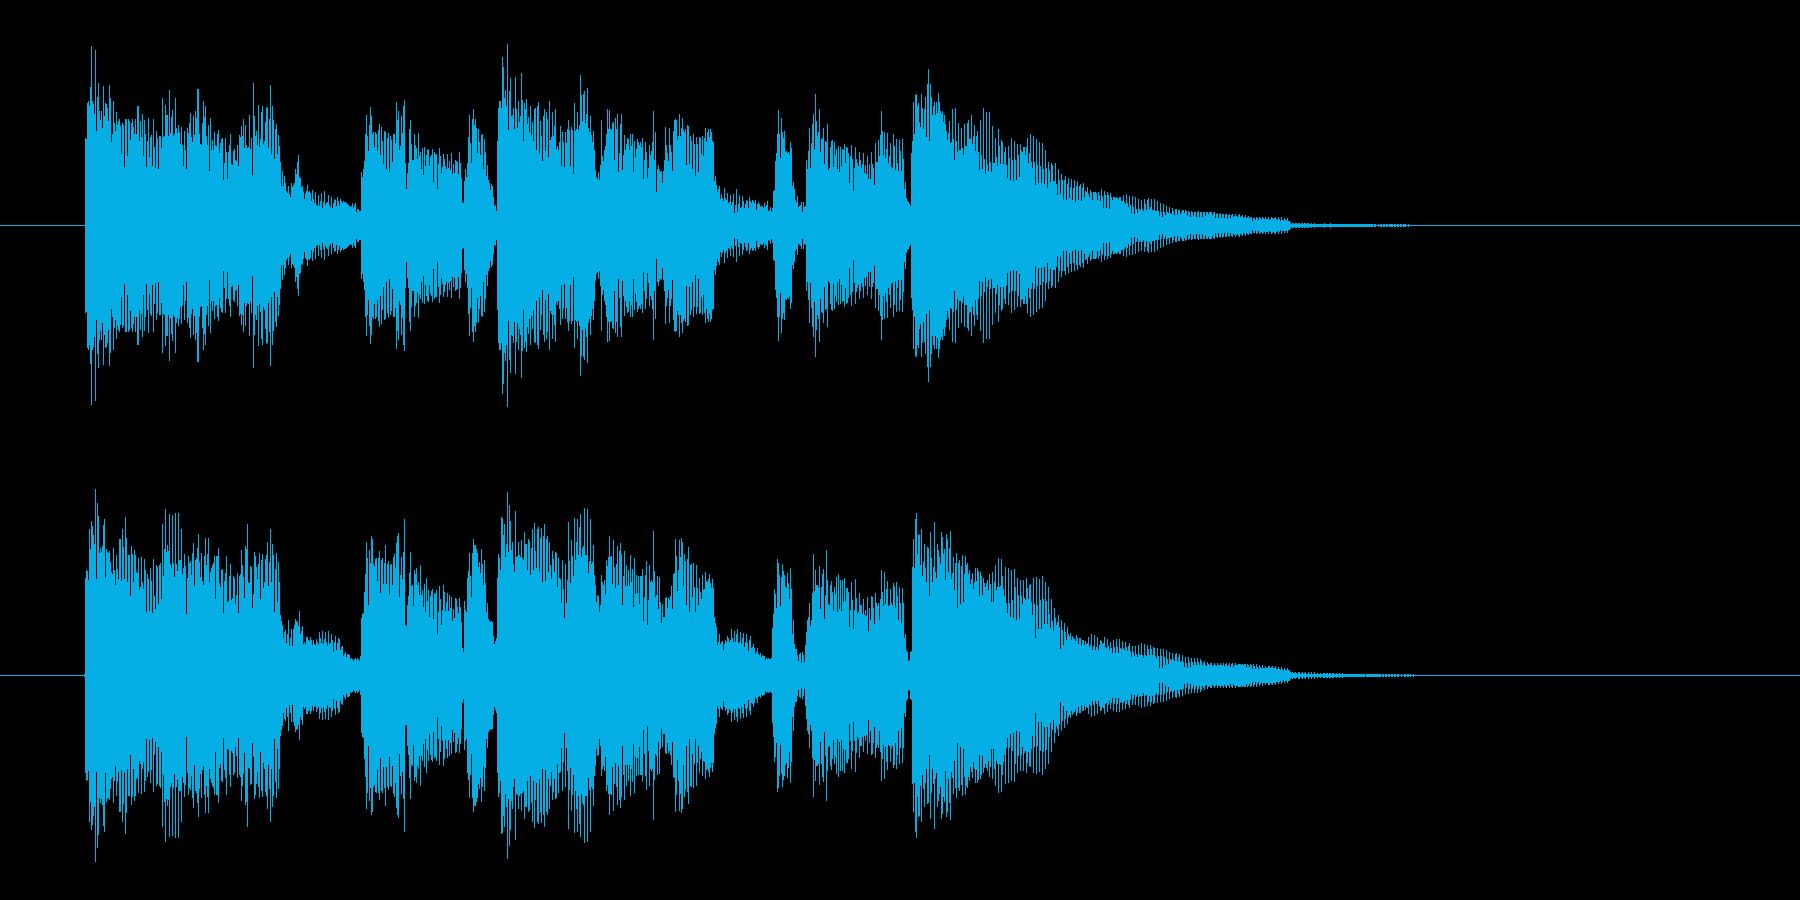 ブルージーでゆったりな雰囲気のジングル曲の再生済みの波形